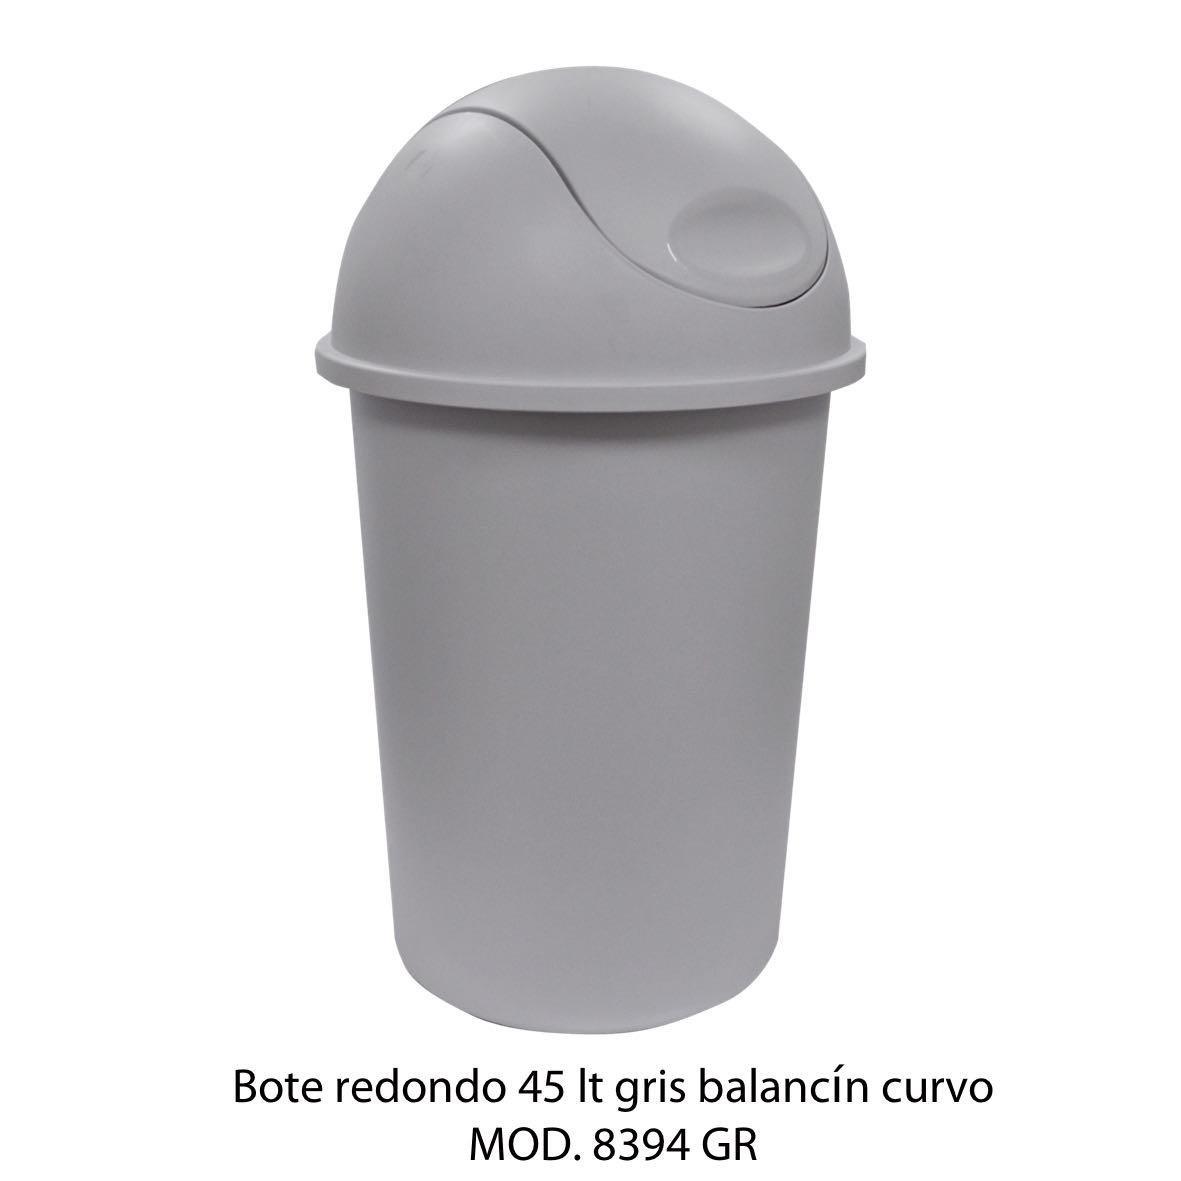 Bote de basura redondo de 45 litros con balancín curvo color gris modelo 8394 GR - Sablón